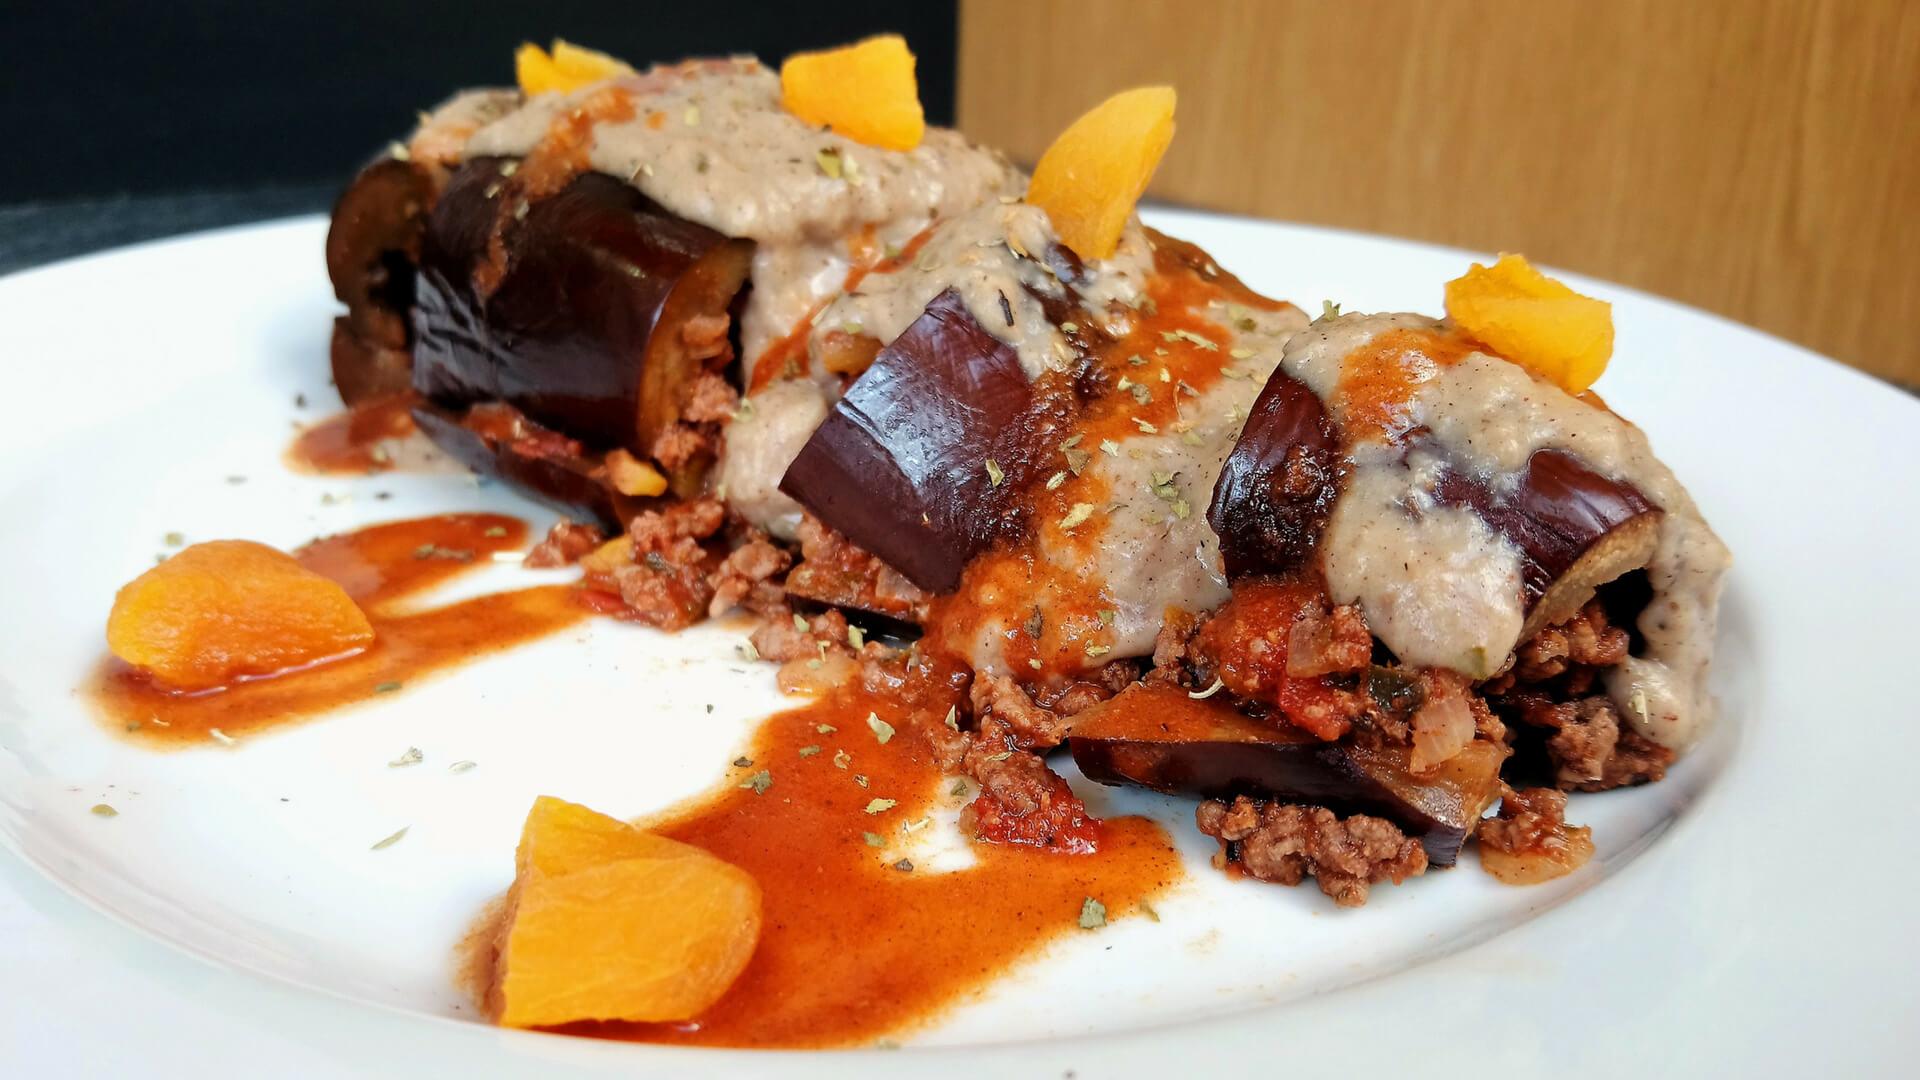 Moussaka-Style Stuffed Eggplant